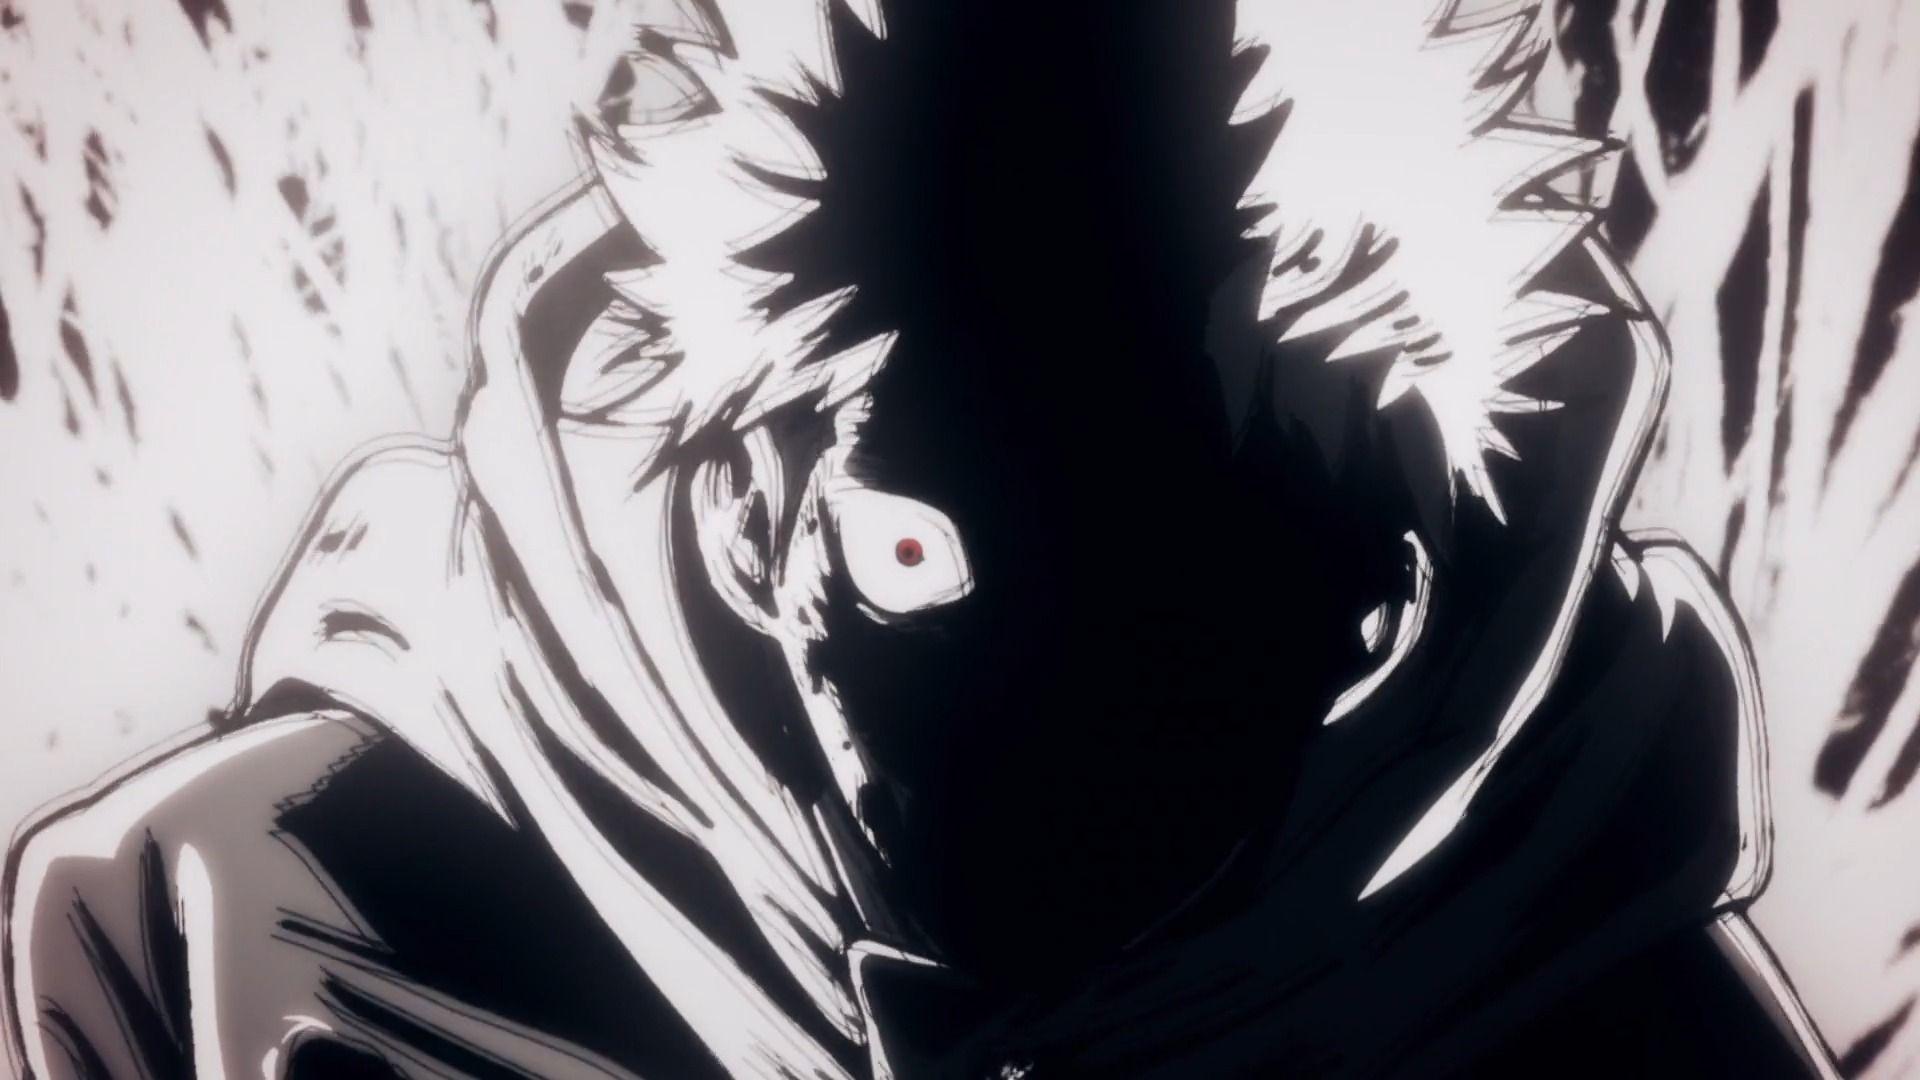 Itadori Yuji Jujutsu Akira Anime Anime